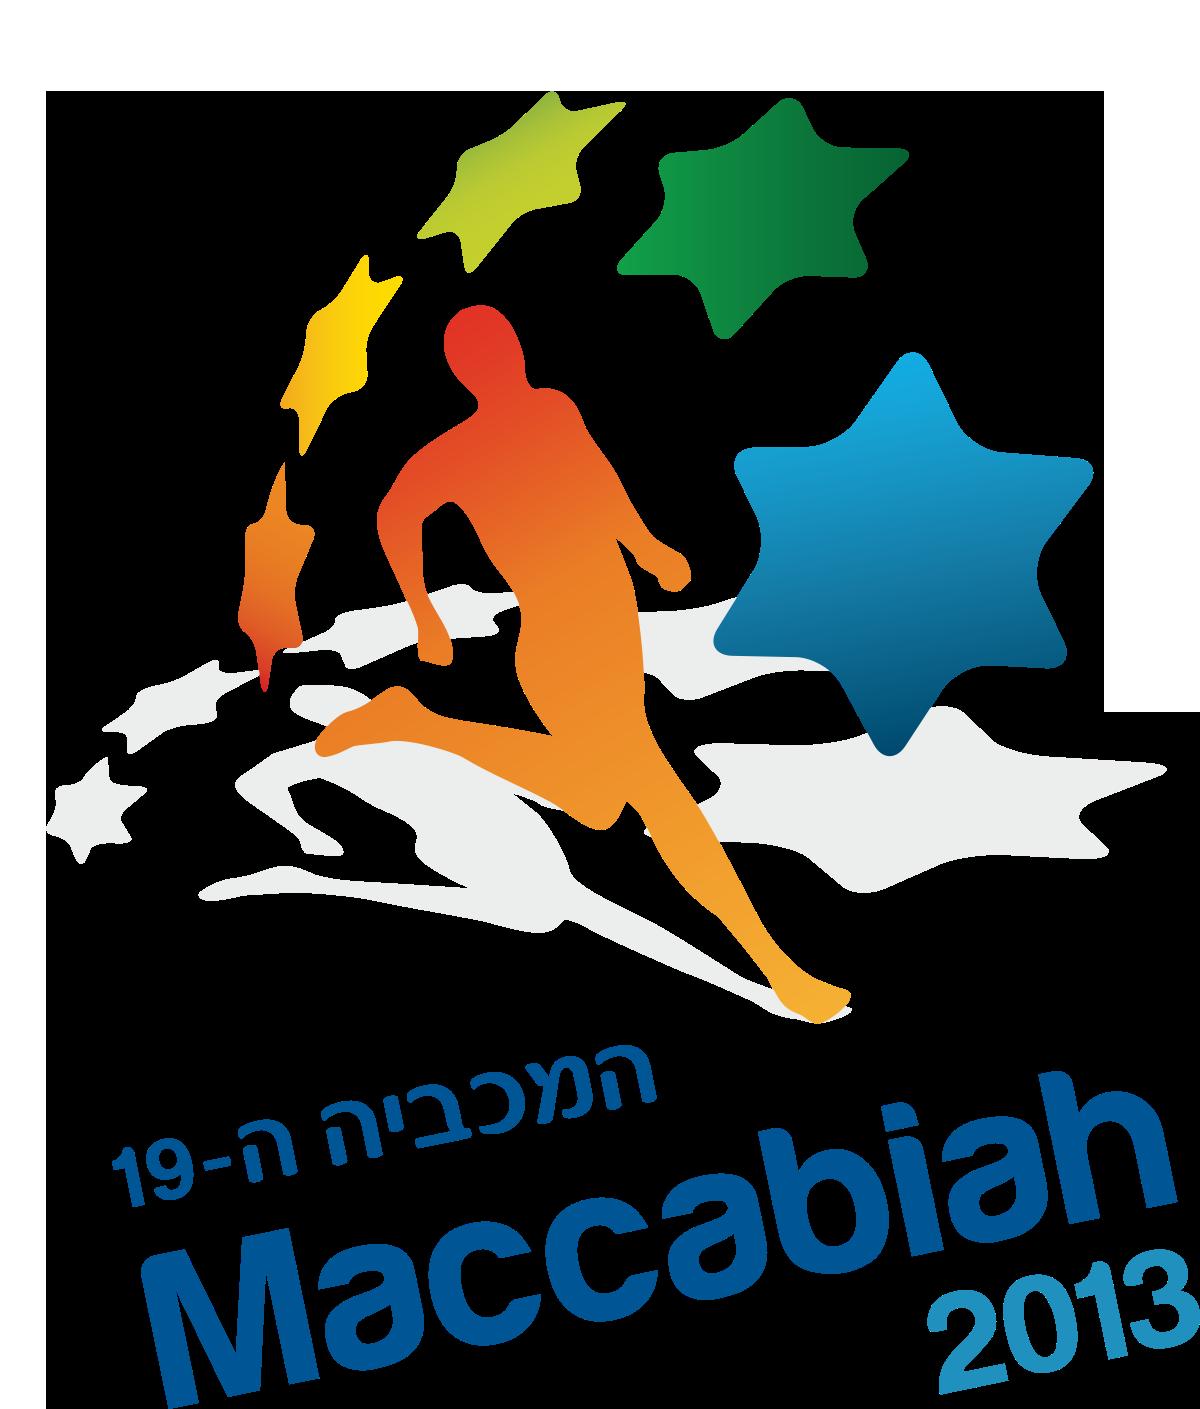 לוגו-המכבייה-ה-19